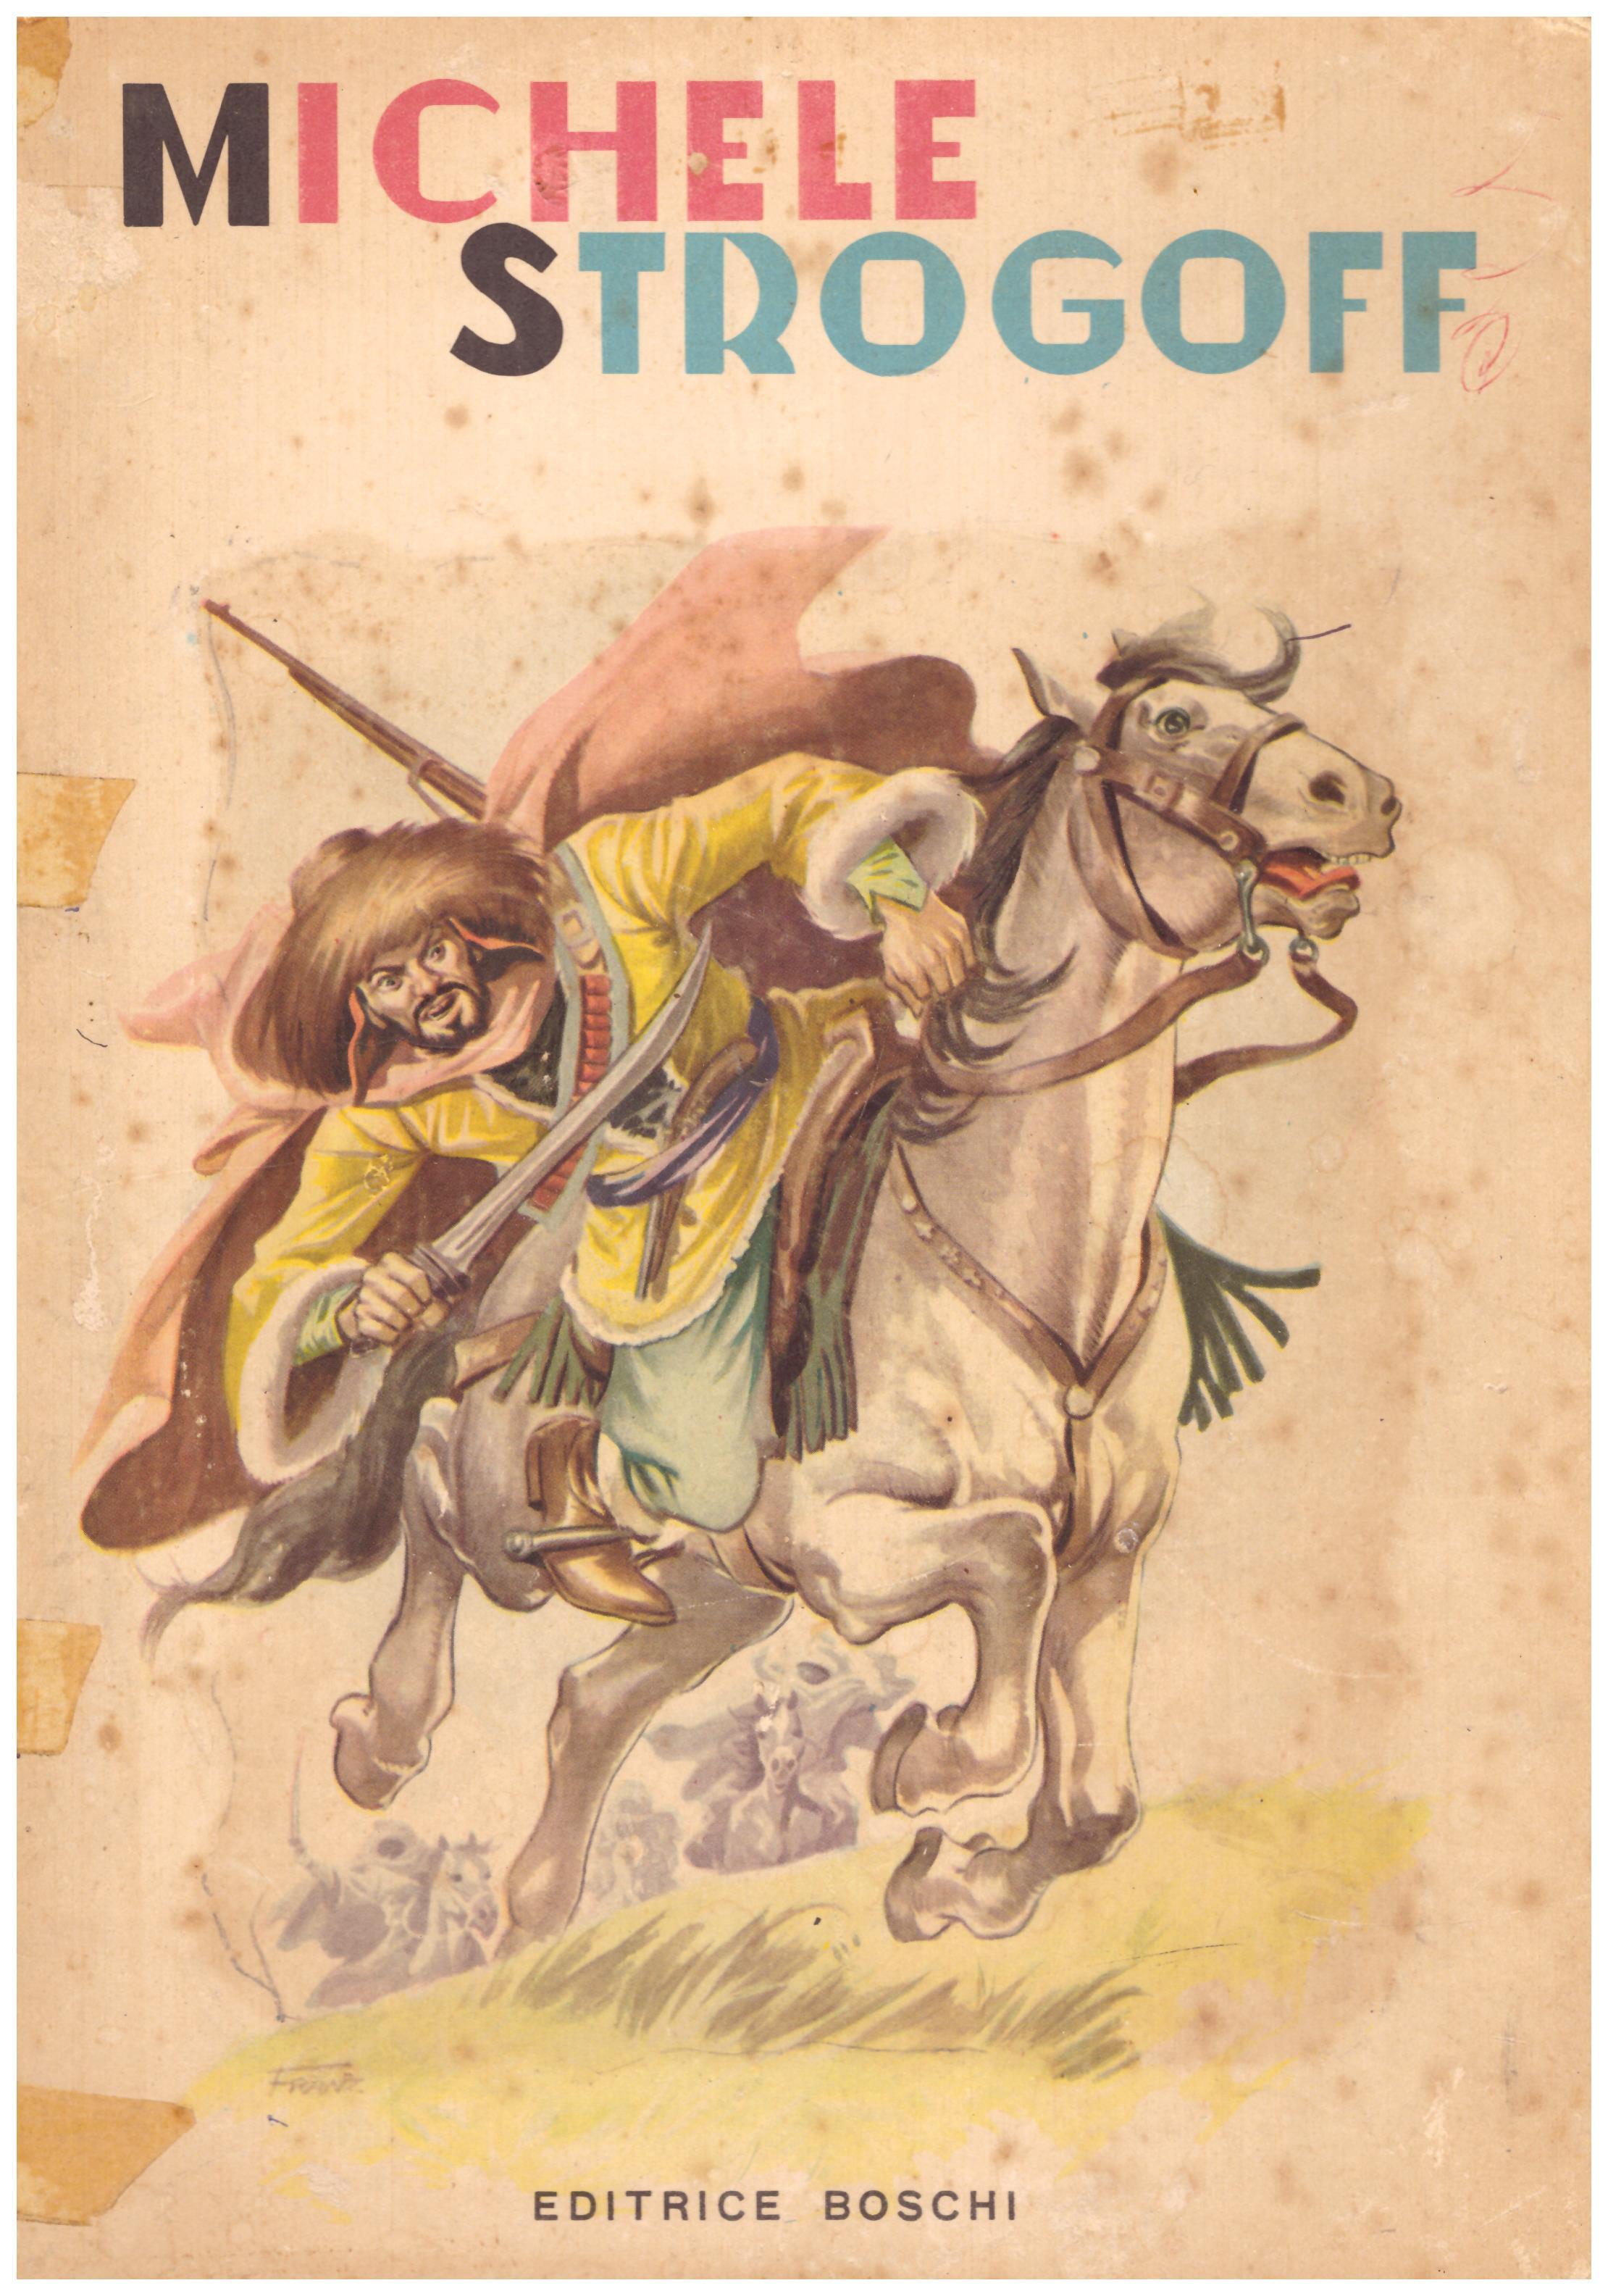 Titolo: Michele Strogoff Autore: Giulio Verne Editore: Boschi, Milano 1955